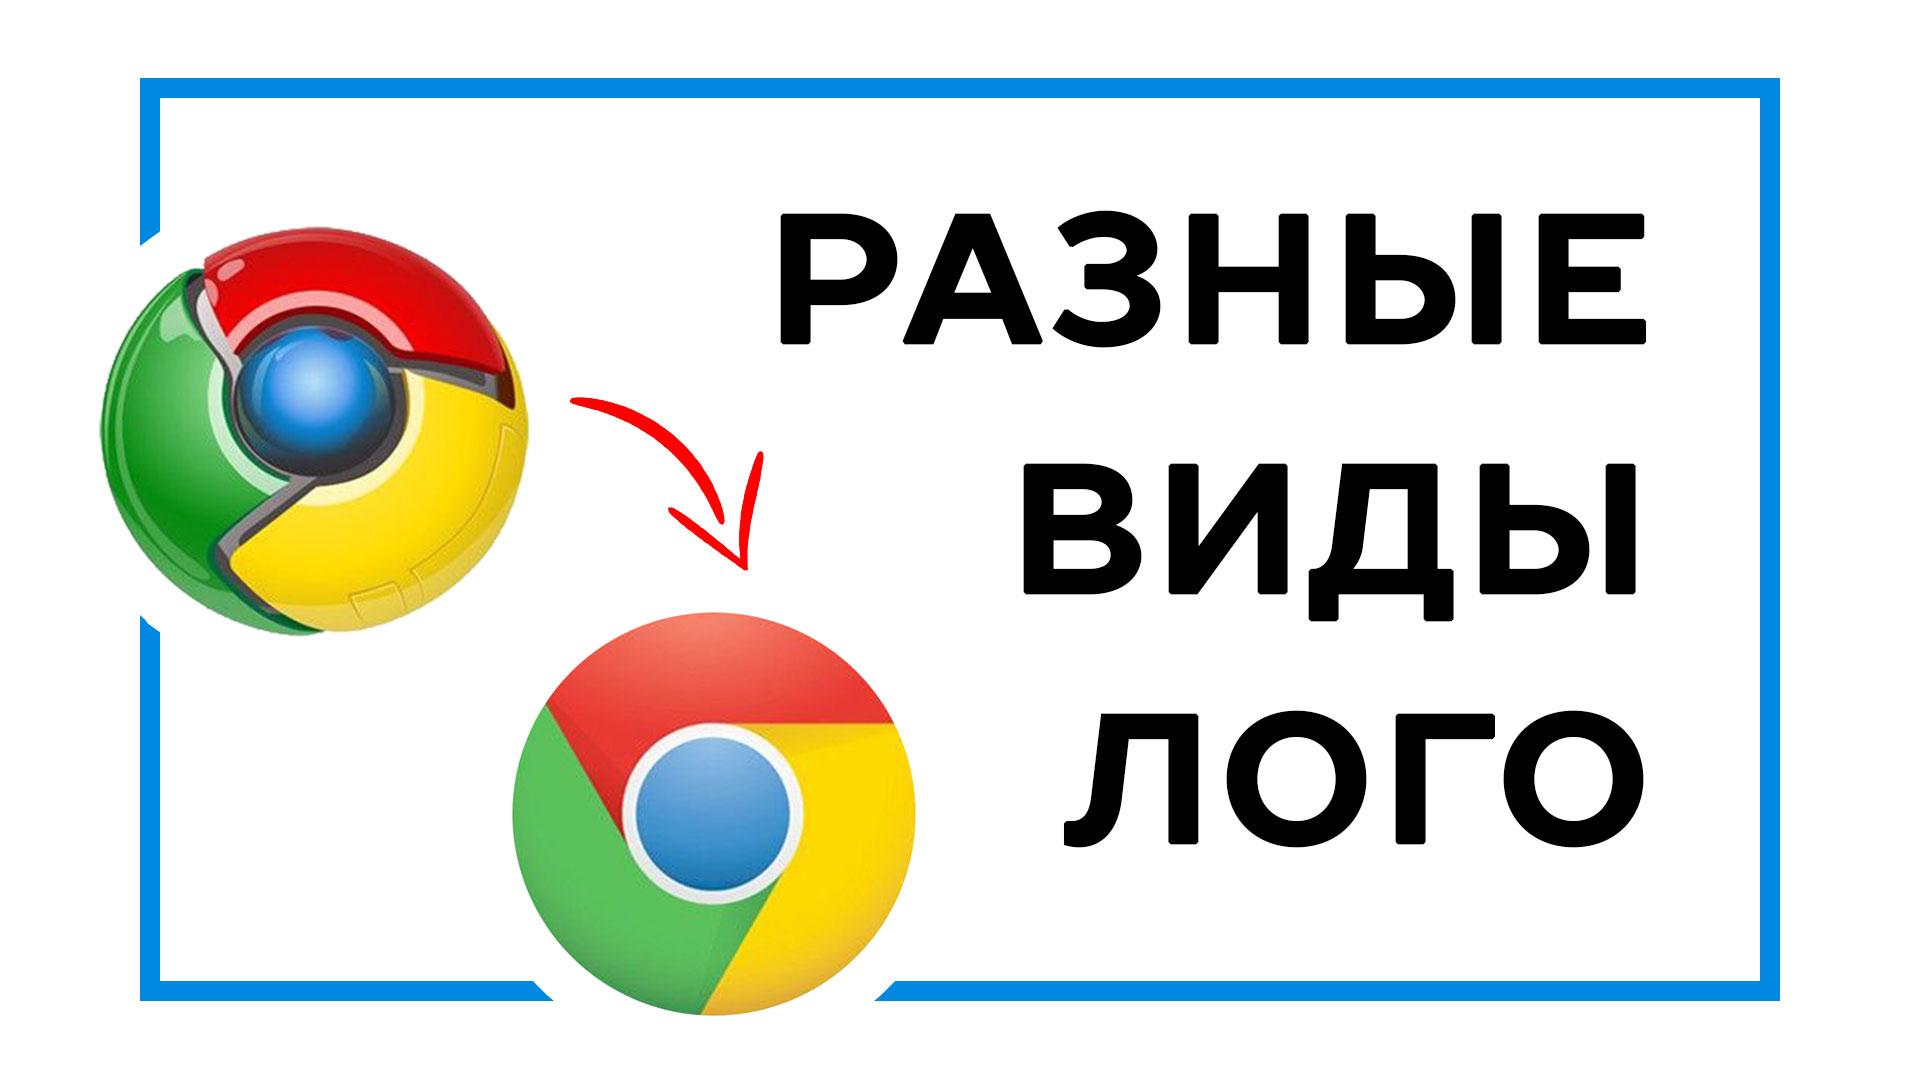 stili-logotipov.jpg